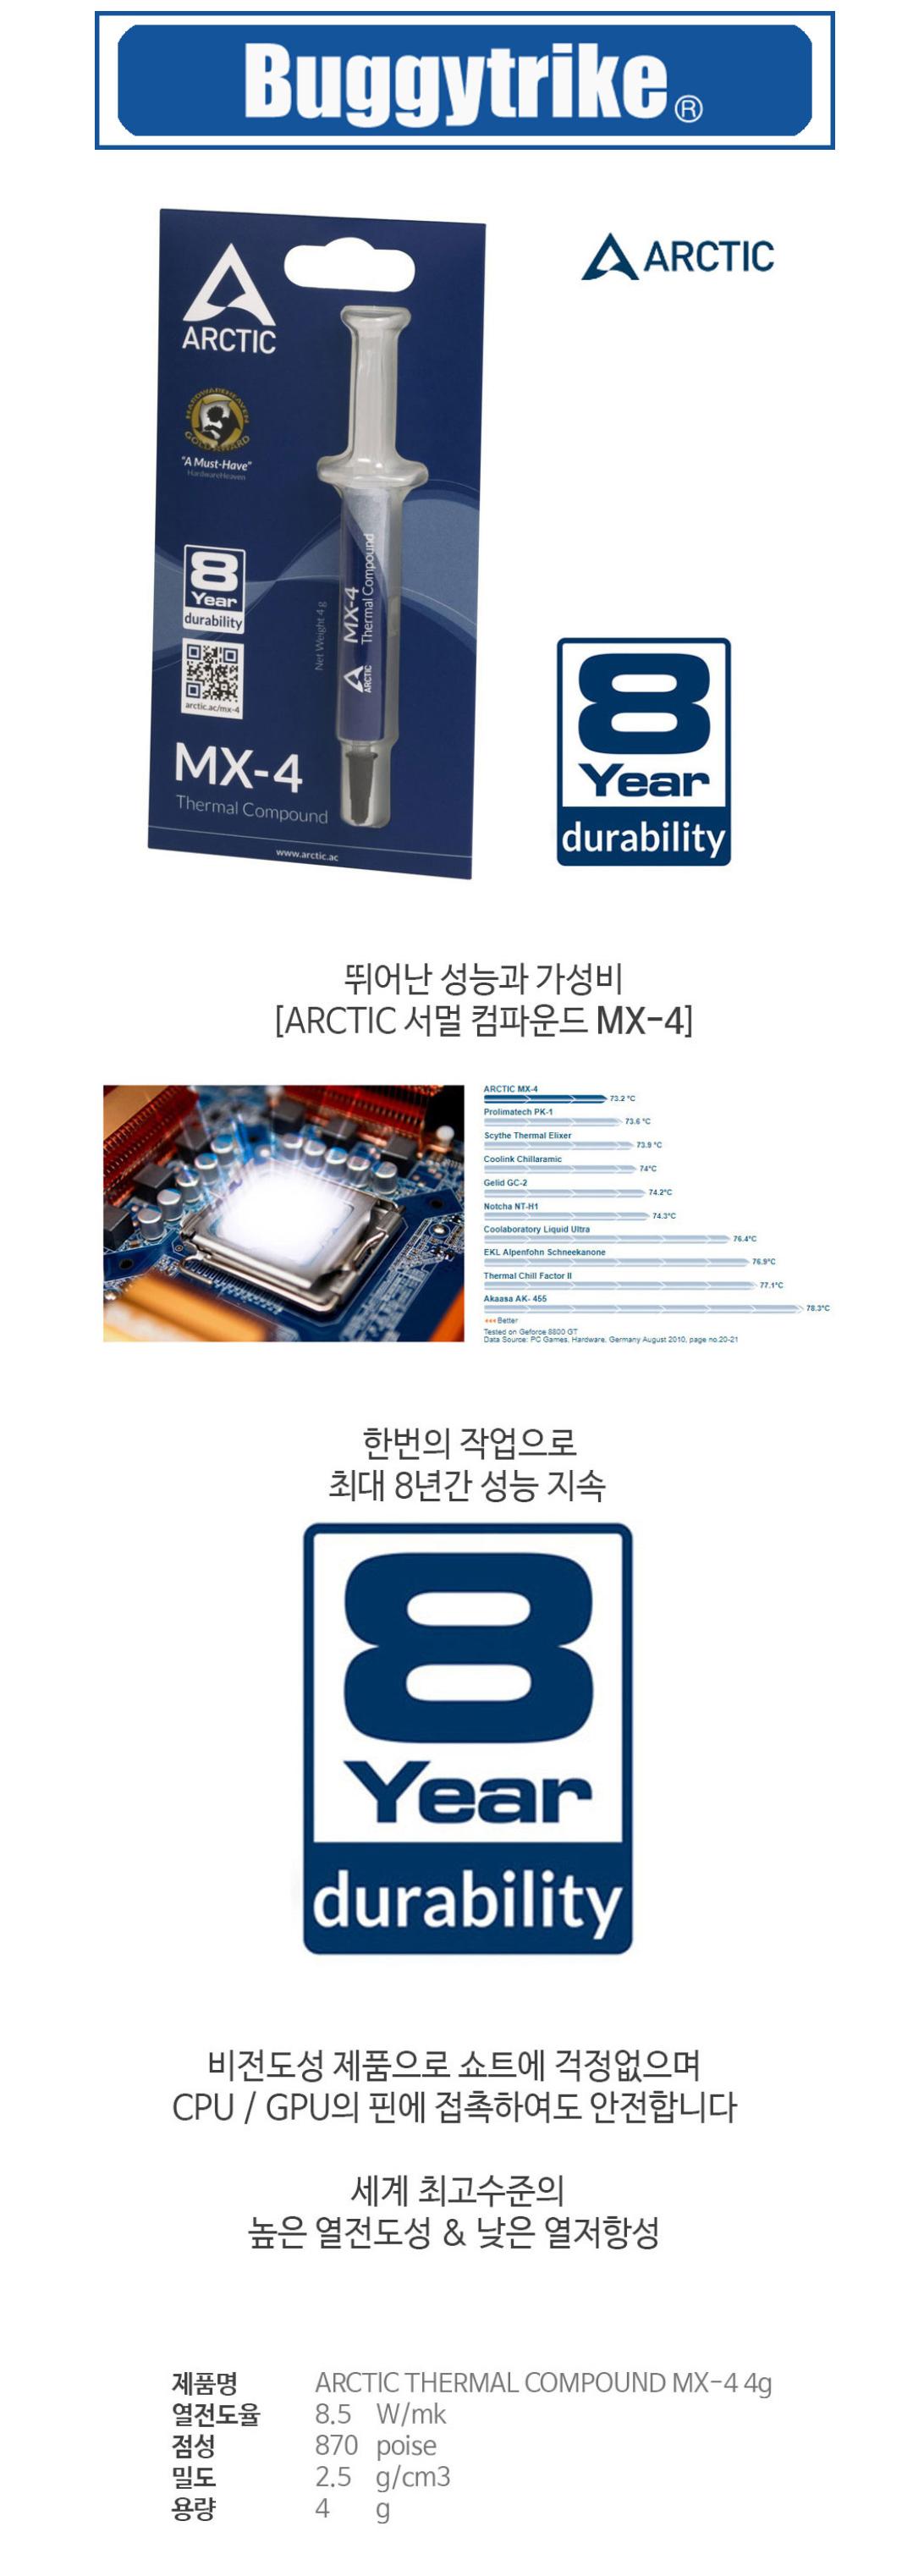 atctic-mx-4.png